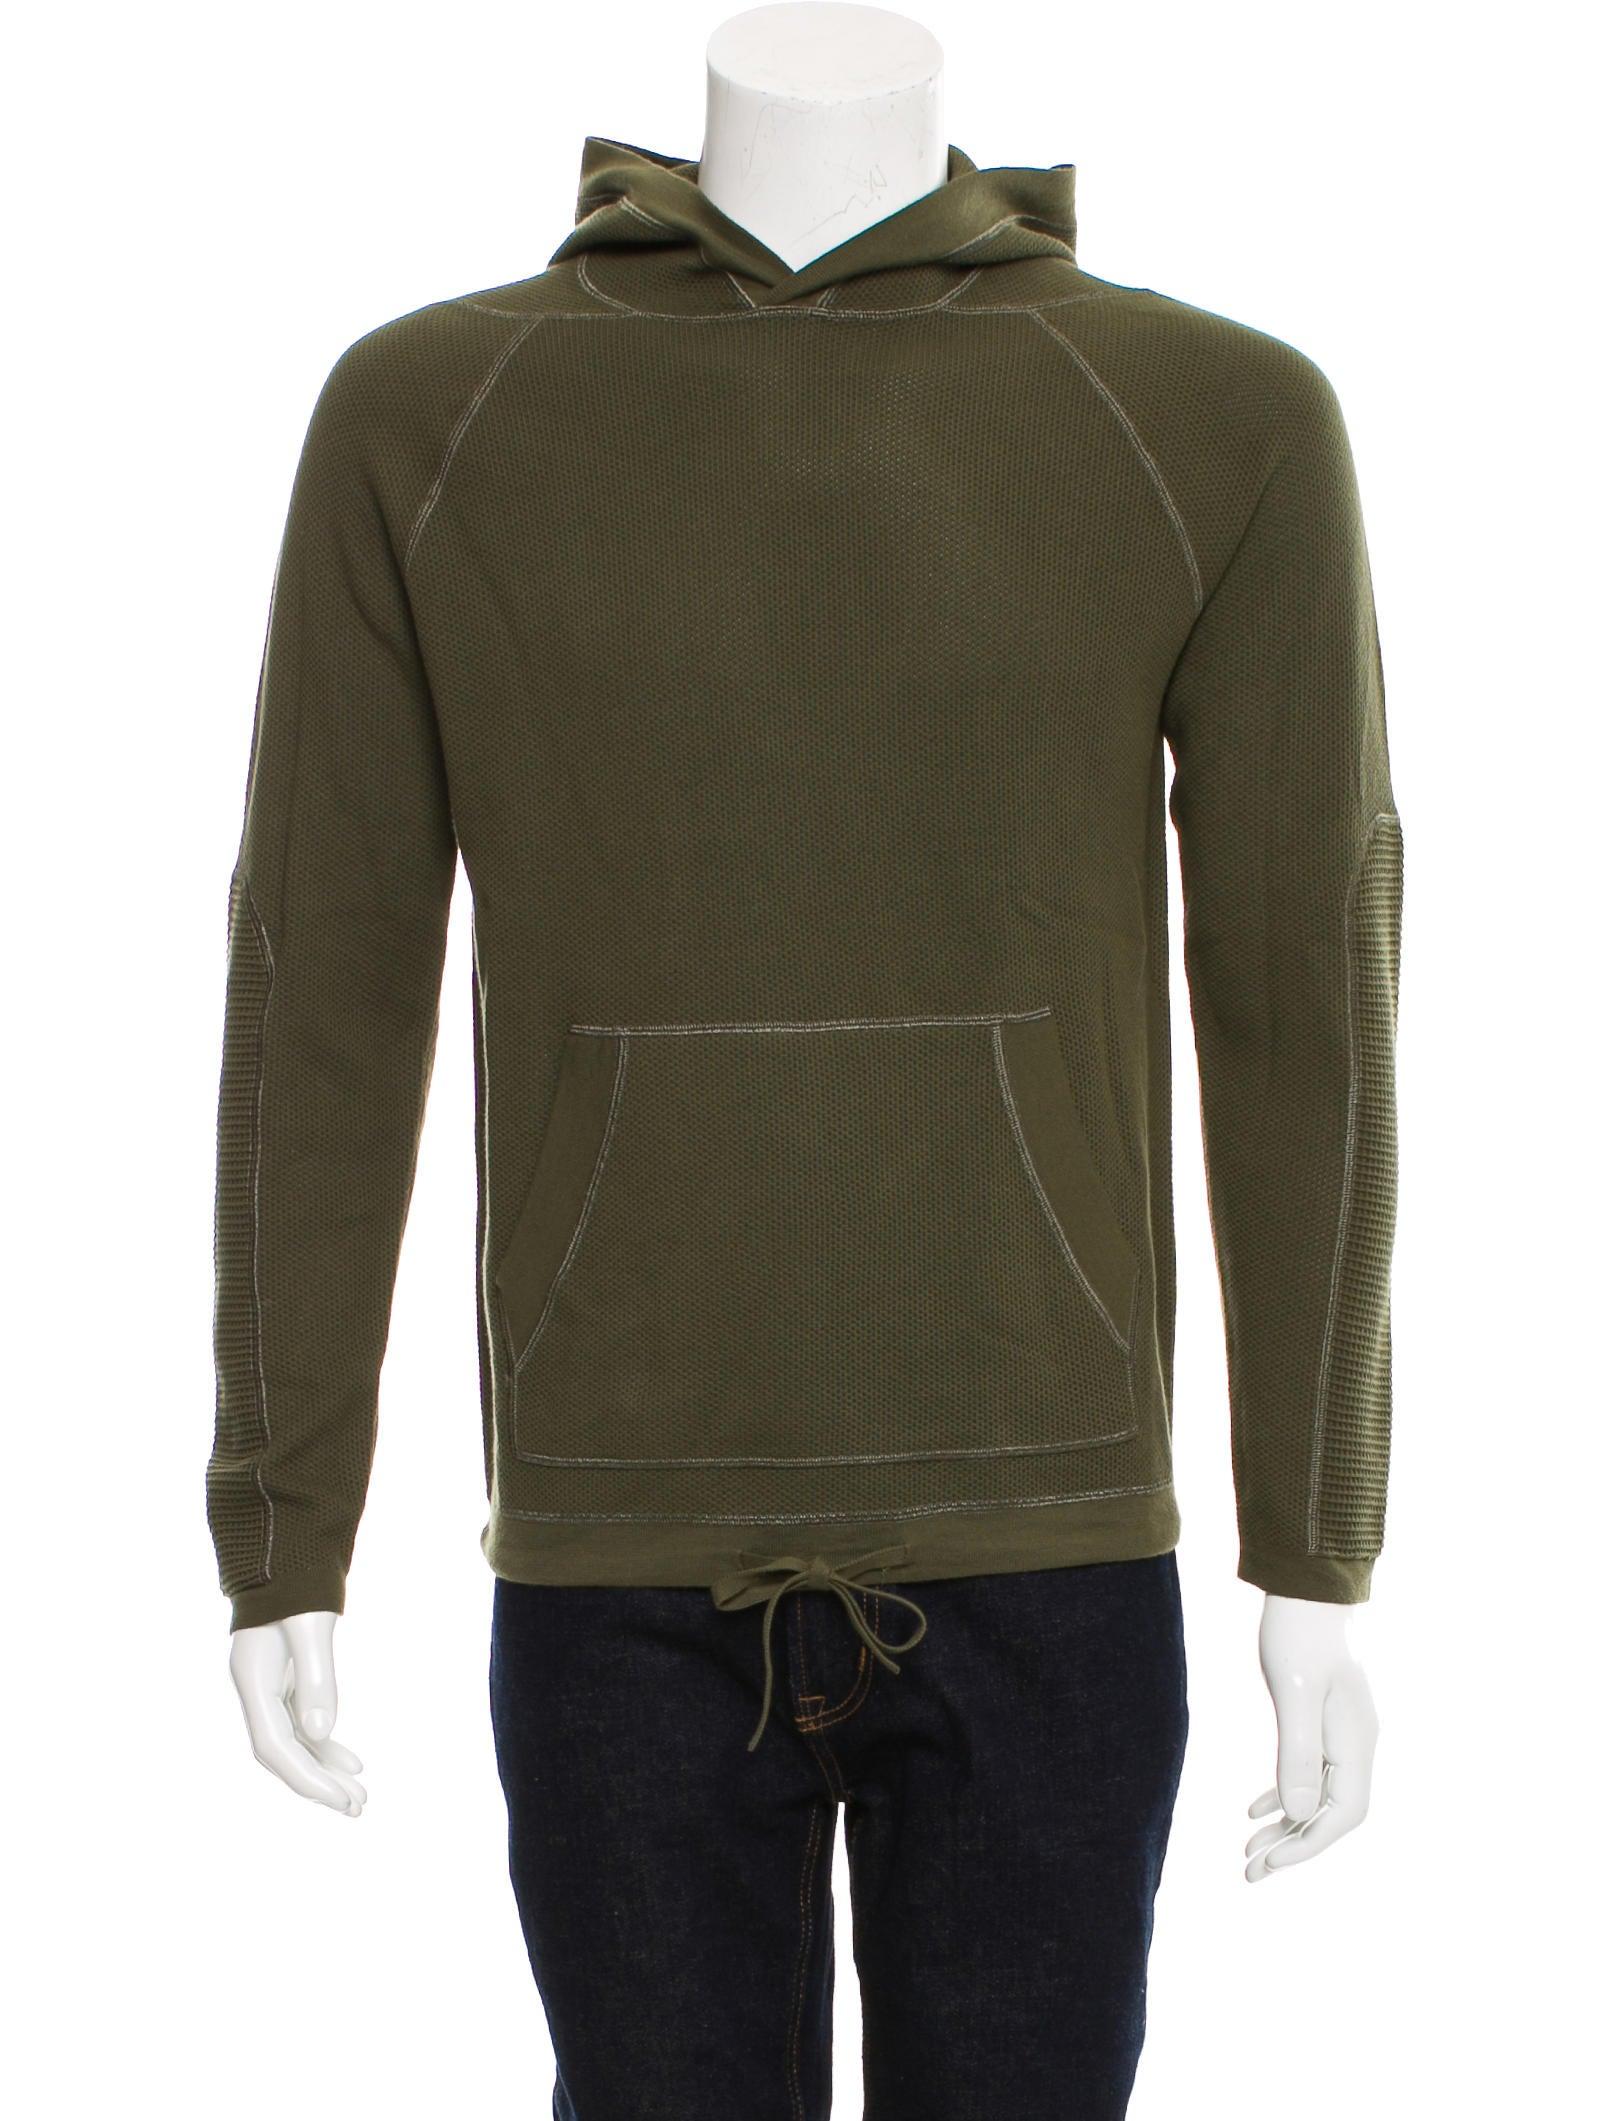 Helmut lang 2017 hooded sweatshirt clothing whelm59223 for Sweatshirt kleid lang